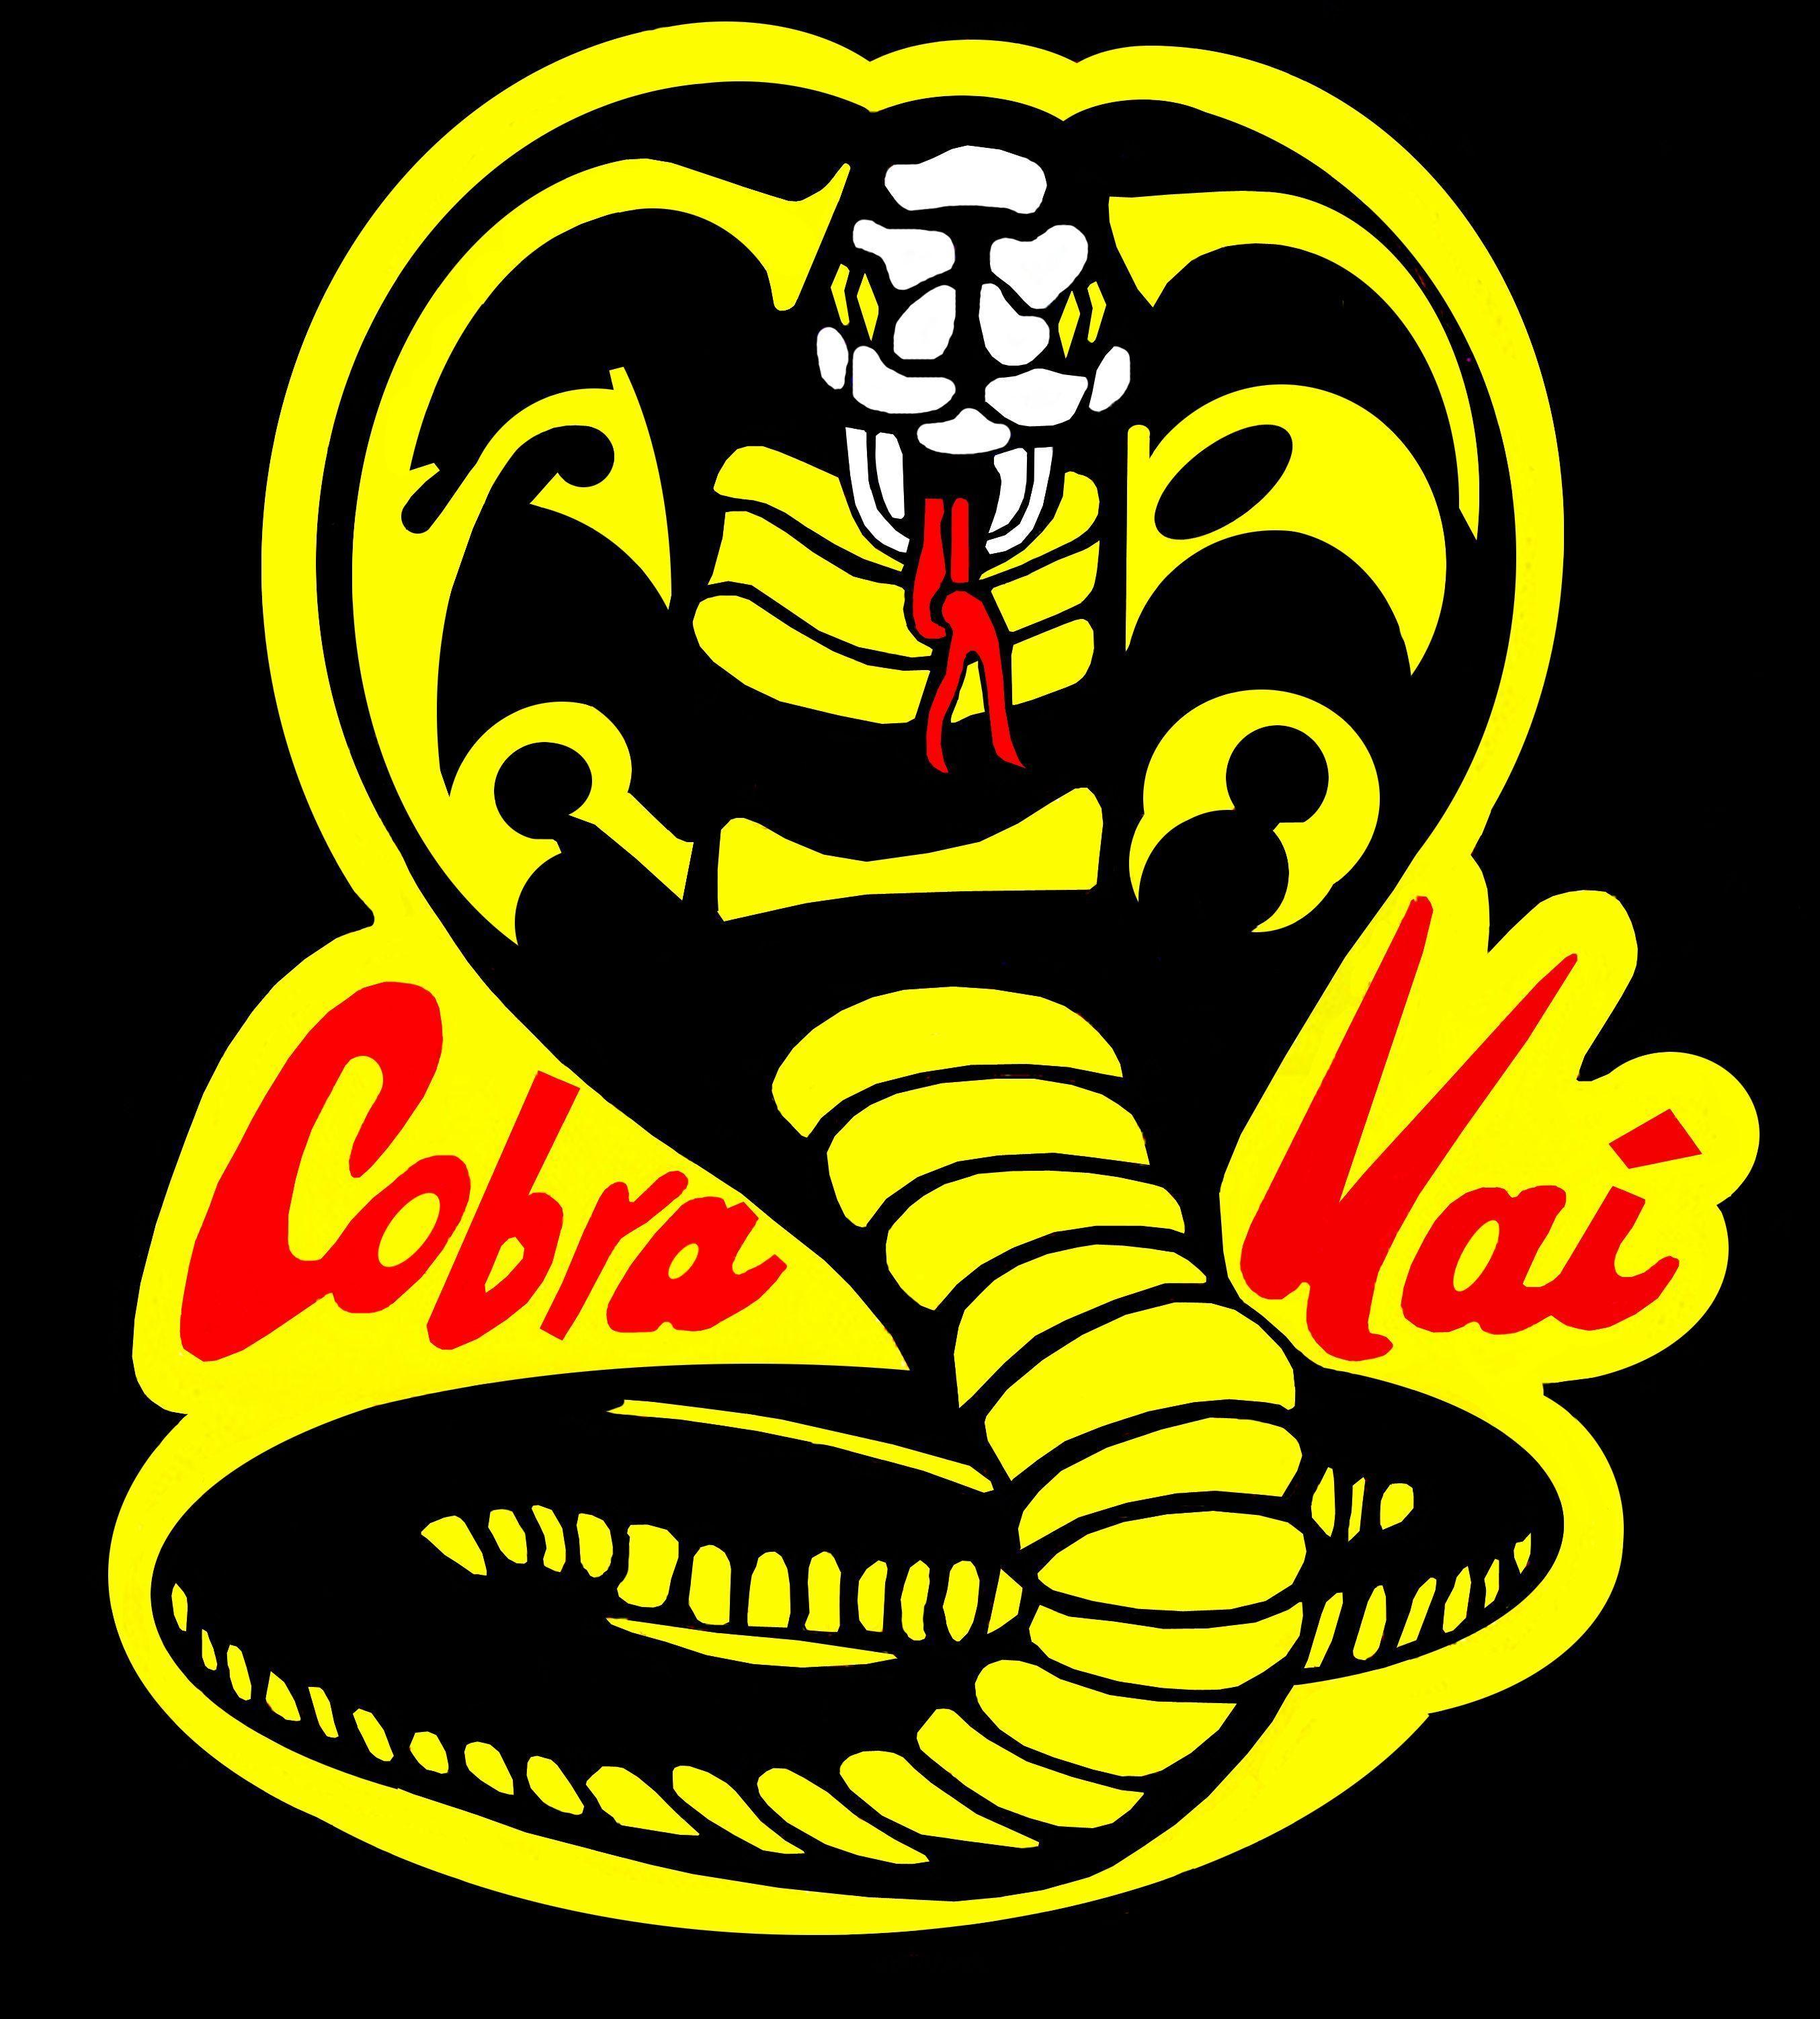 Cobra Kai Wallpapers Wallpaper Cave